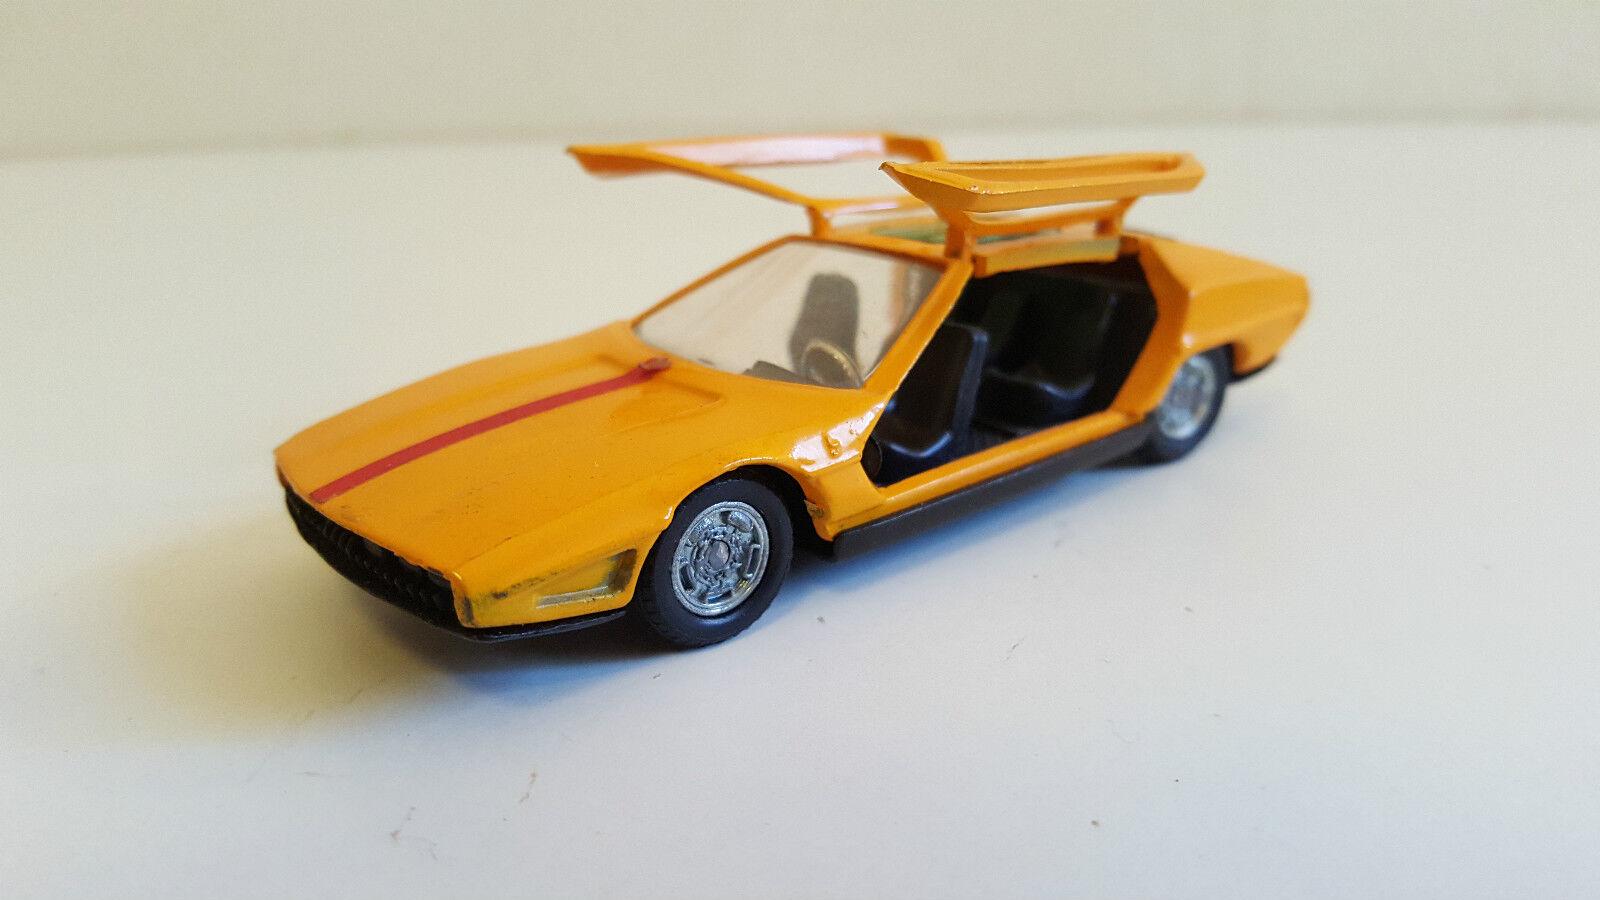 Politoys Export - 568 - Lamborghini Marzal Bertone yellow